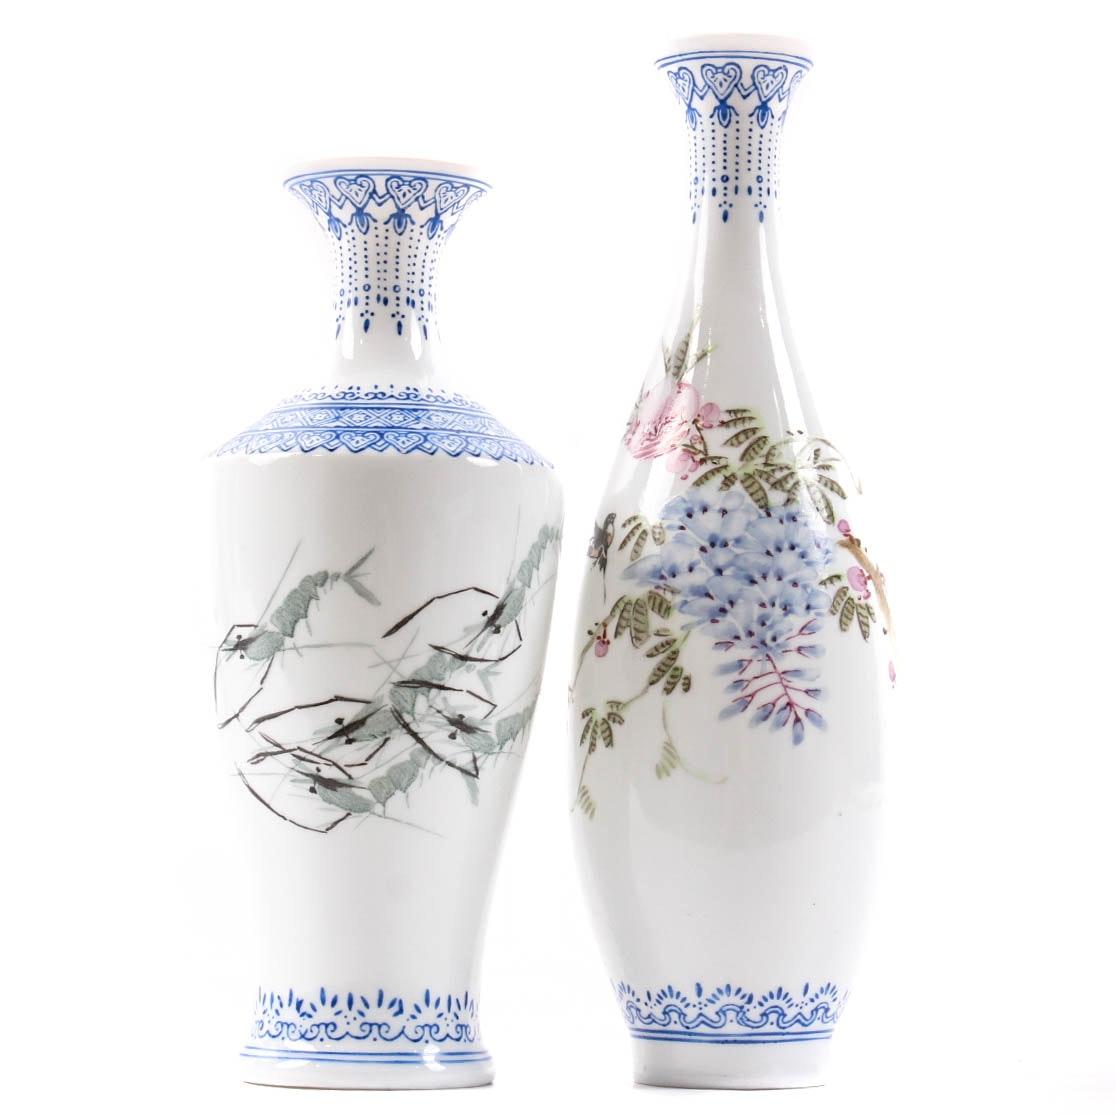 Chinese Eggshell Porcelain Bud Vases